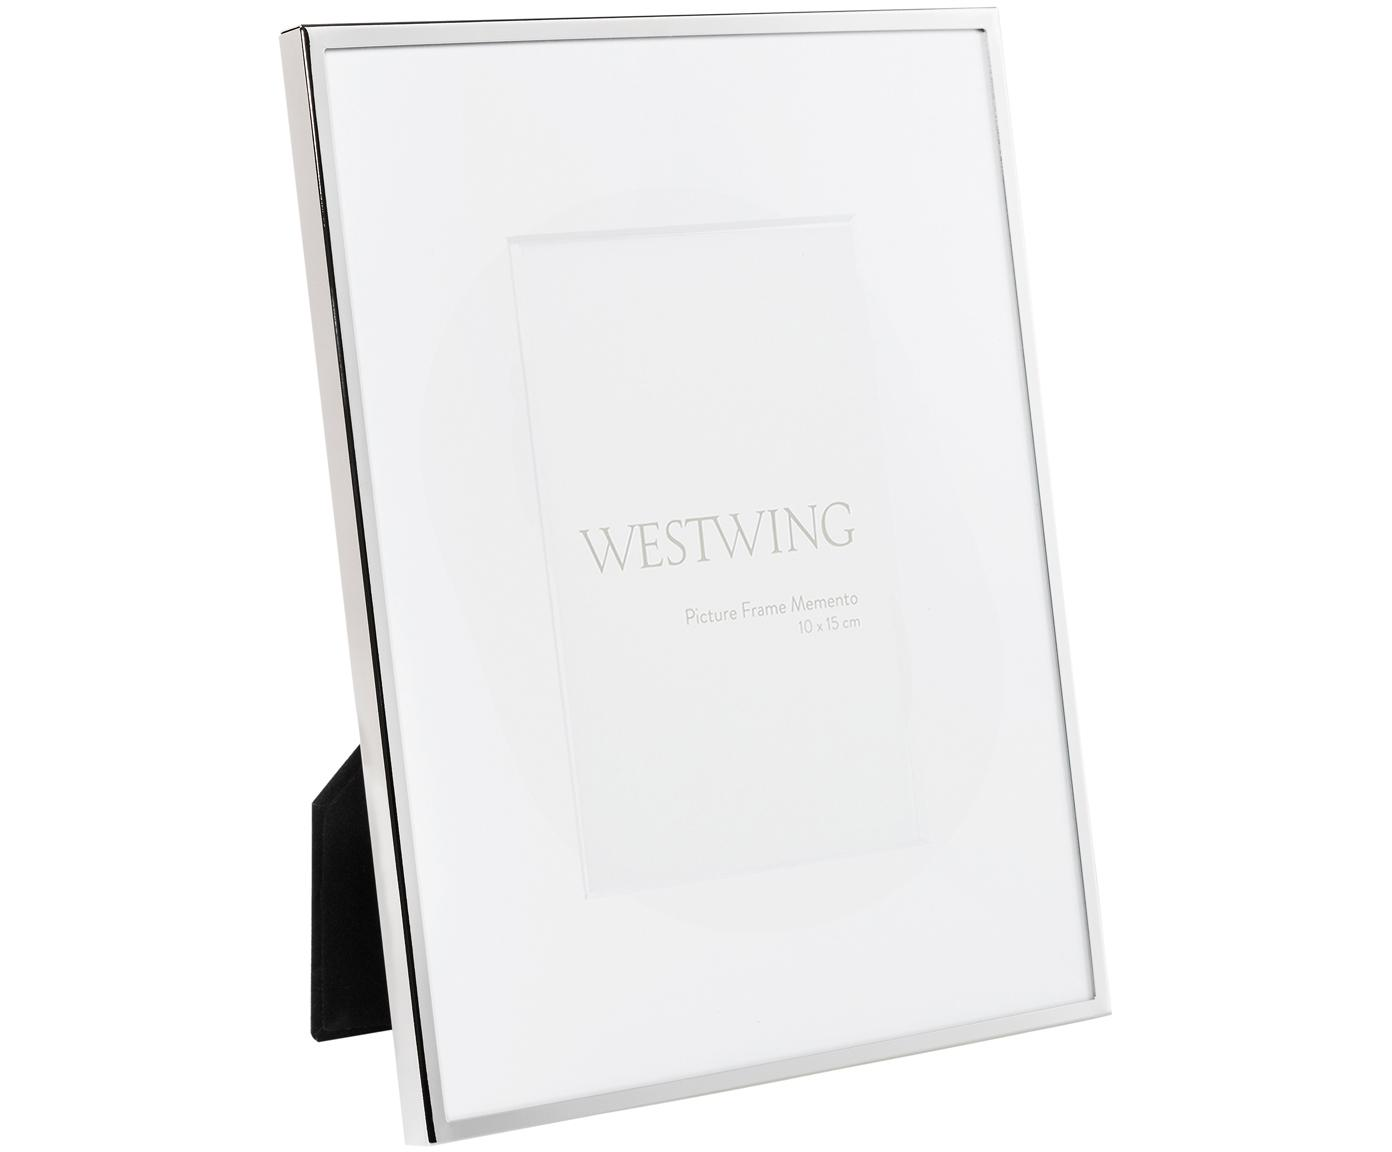 Cornice Memento, Cornice: metallo nichelato, Retro: legno, velluto, Argento, 10 x 15 cm